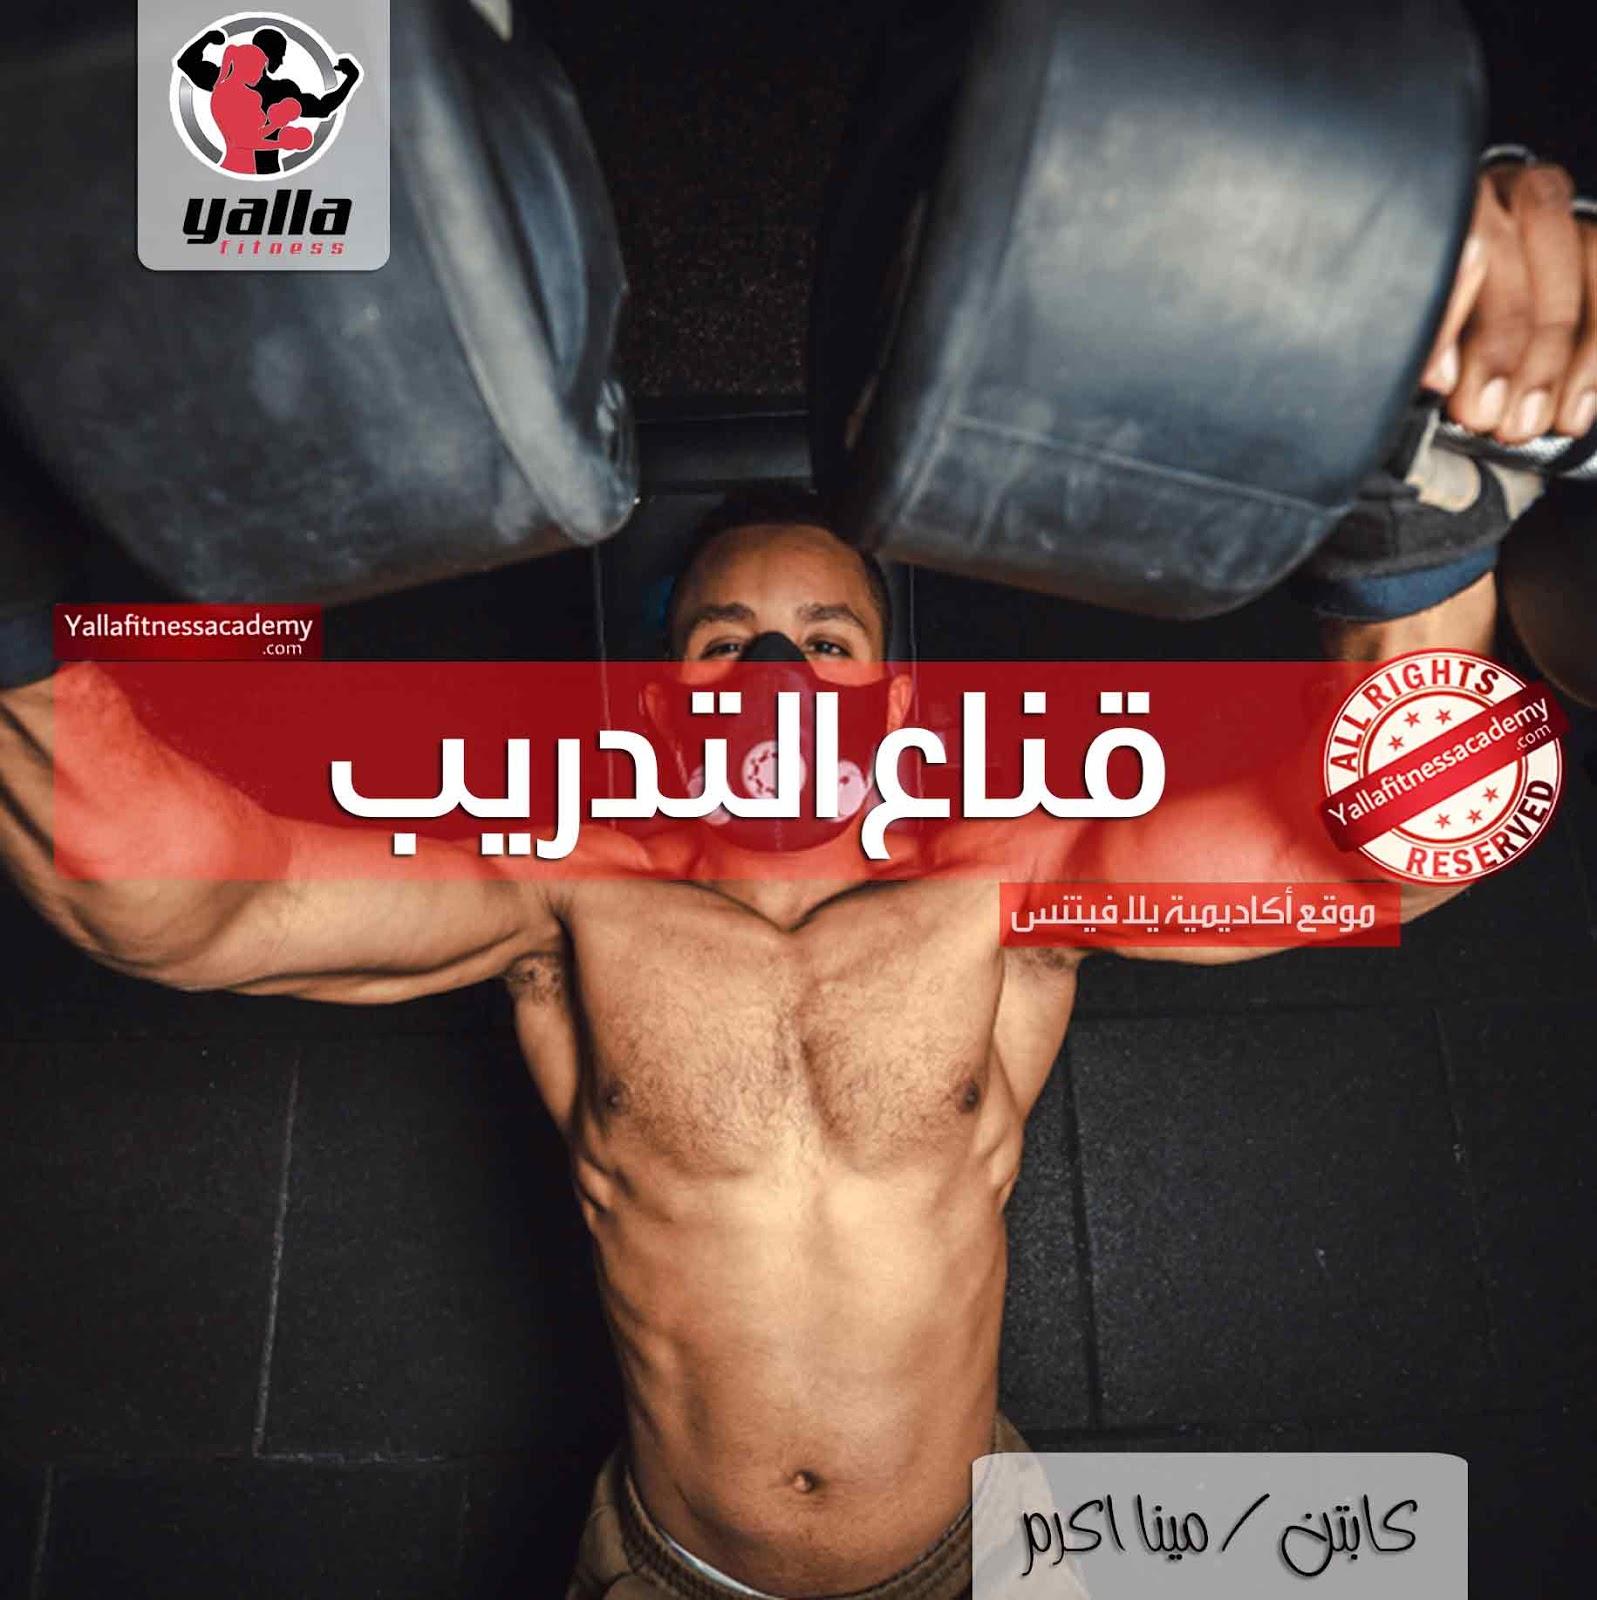 قناع التدريب لزيادة القوة والحجم العضلي | حقيقة أم خرافة